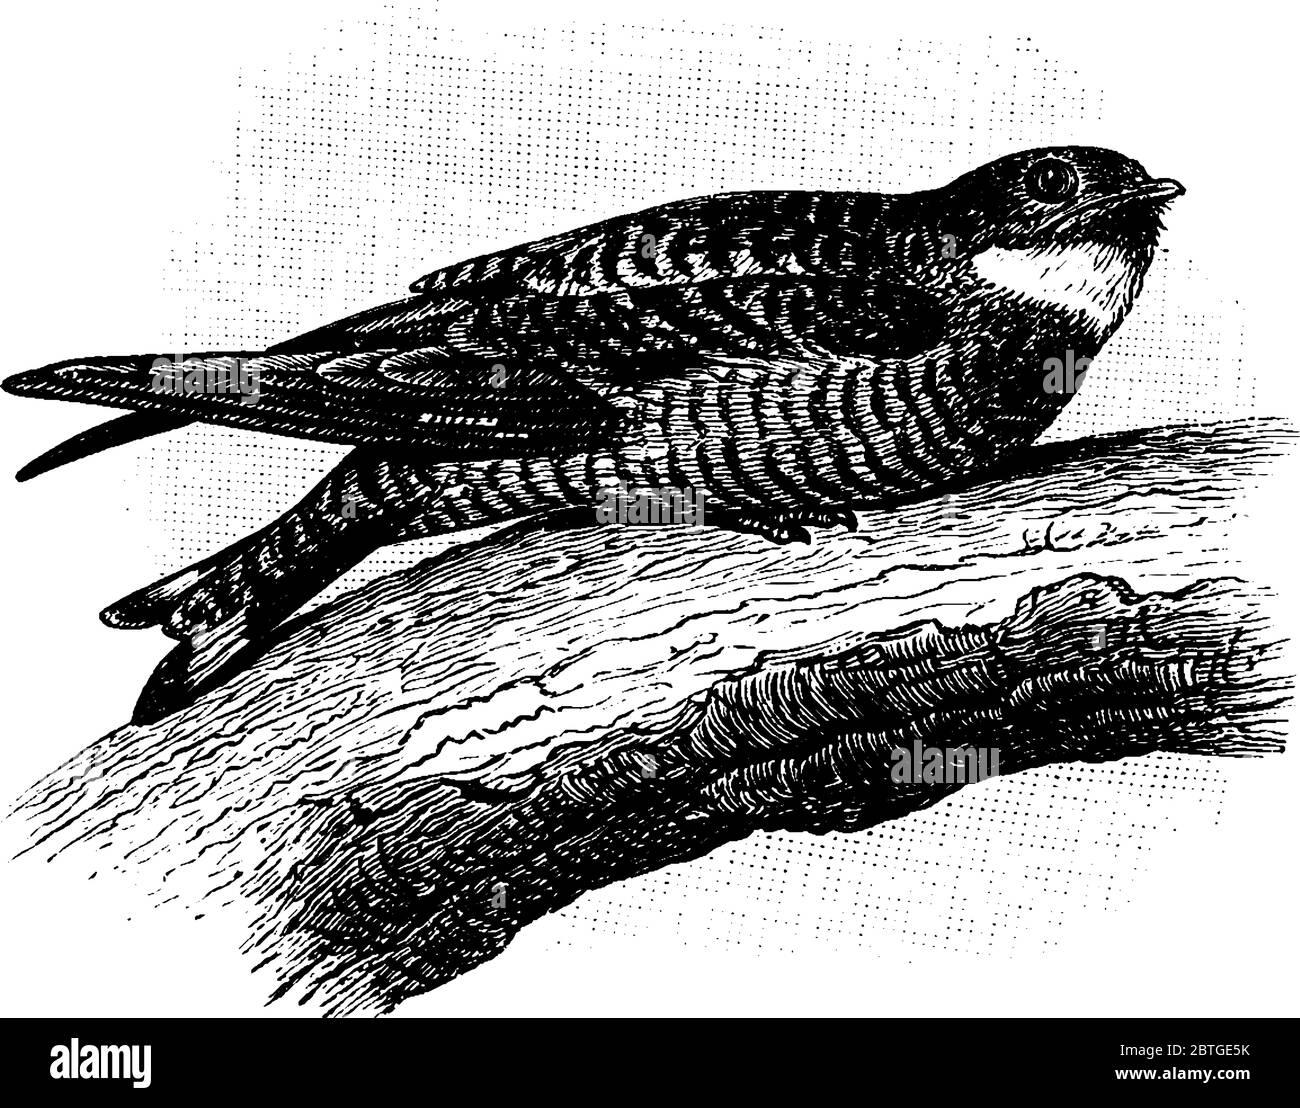 Un nighthawk es un ave nocturna de la subfamilia Chordeilinae, con alas largas, piernas cortas y cuentas muy cortas. Generalmente, estas aves anidan en el Ilustración del Vector